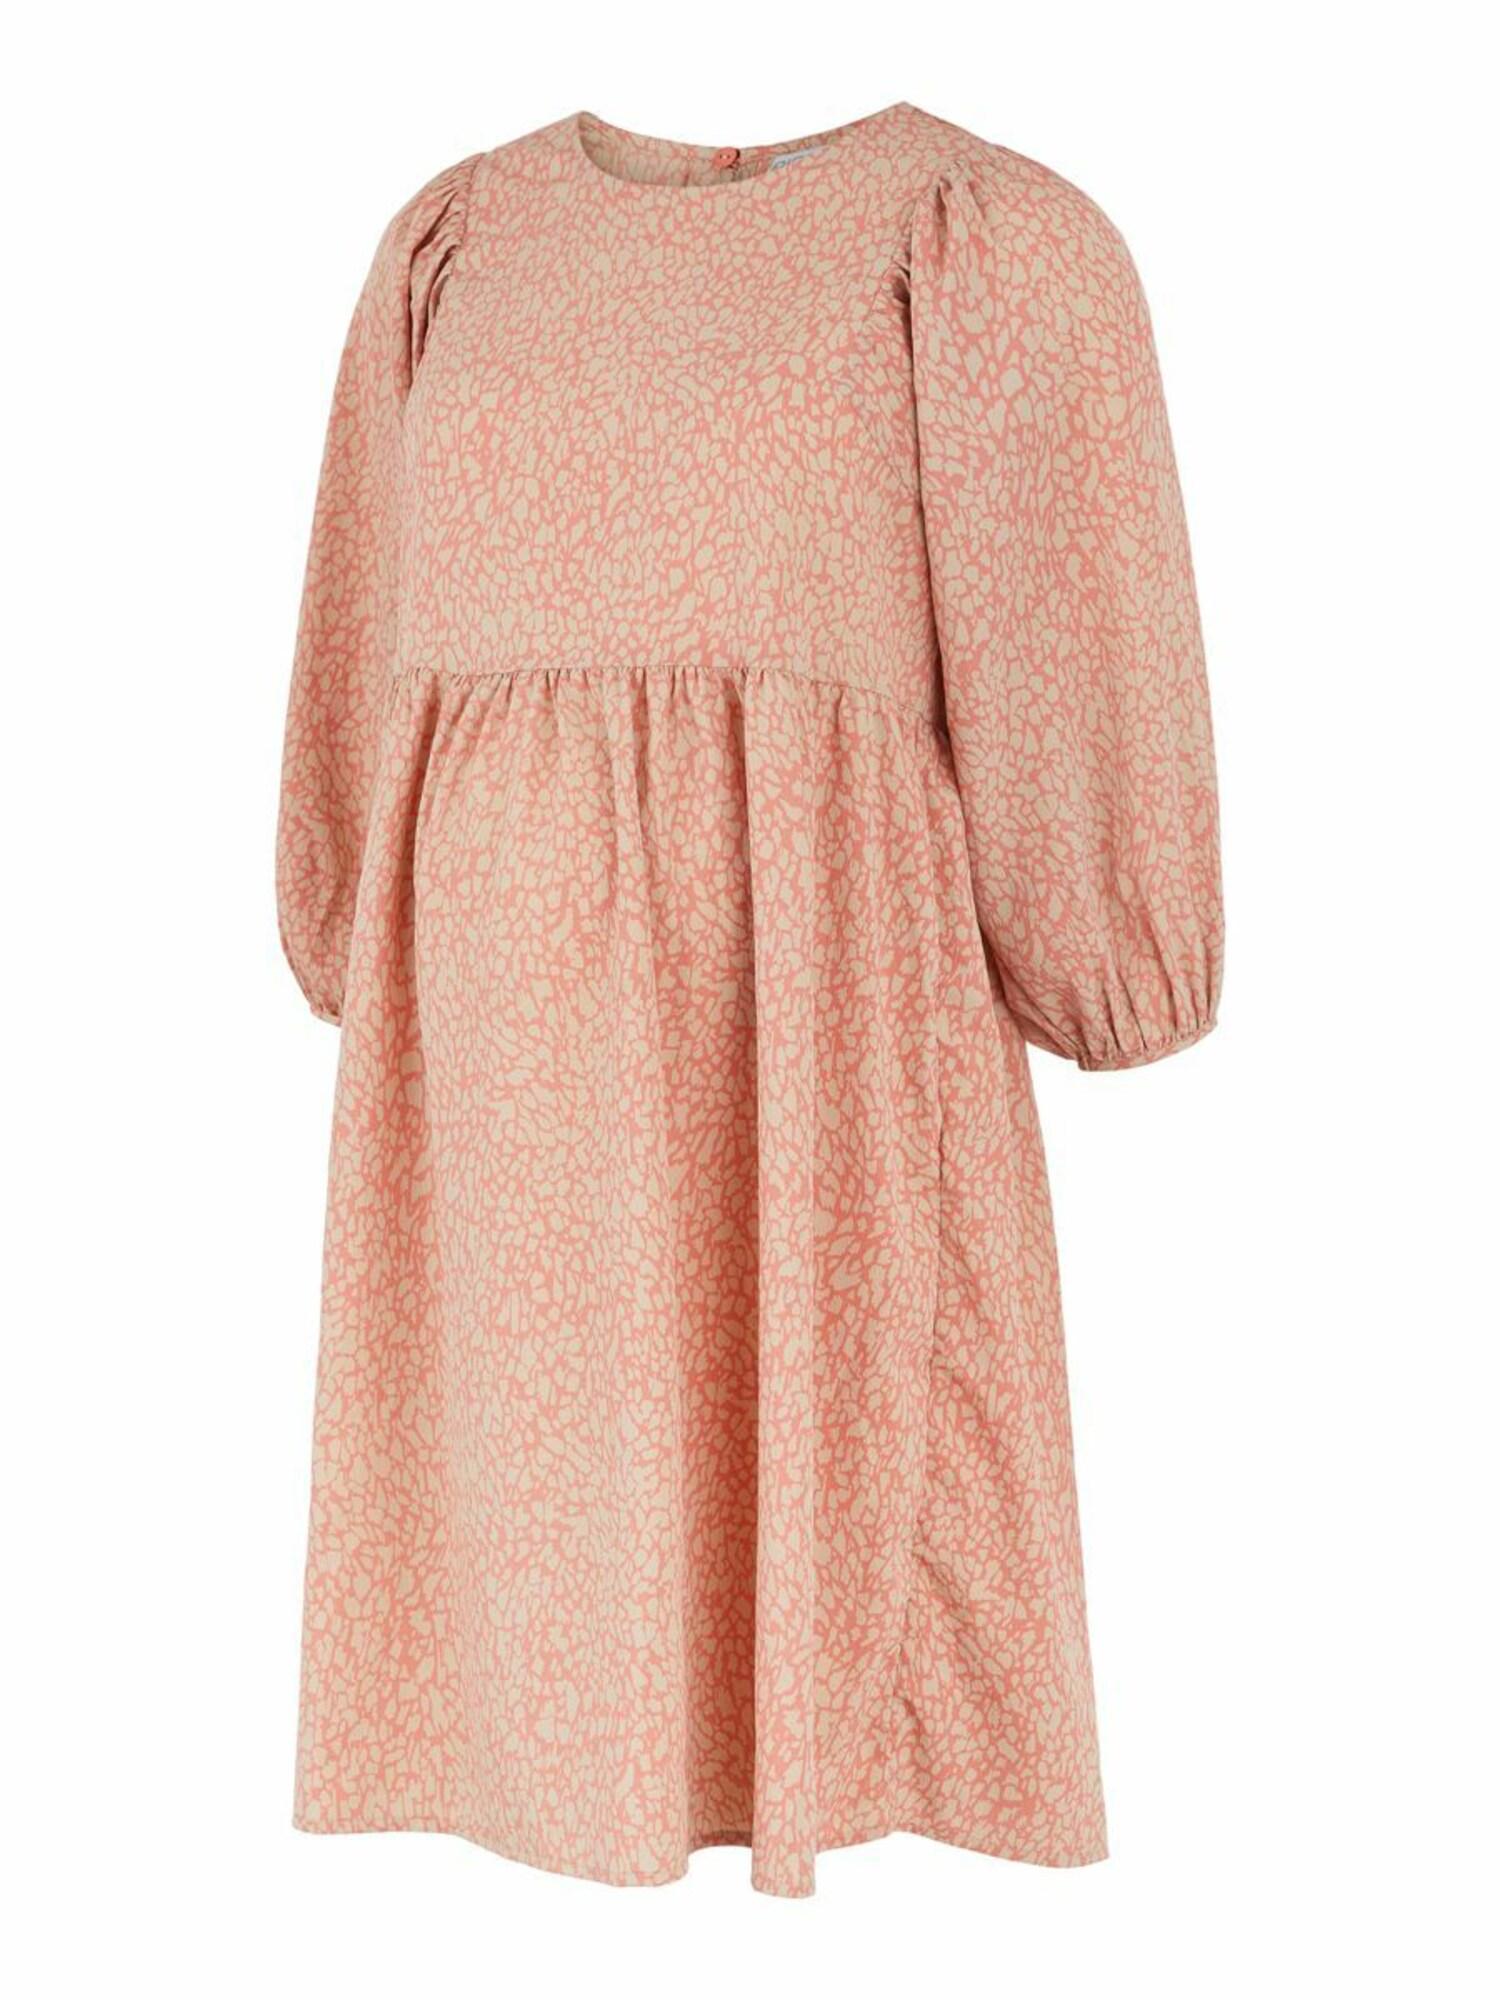 MAMALICIOUS Suknelė 'Gilberta' lašišų spalva / smėlio